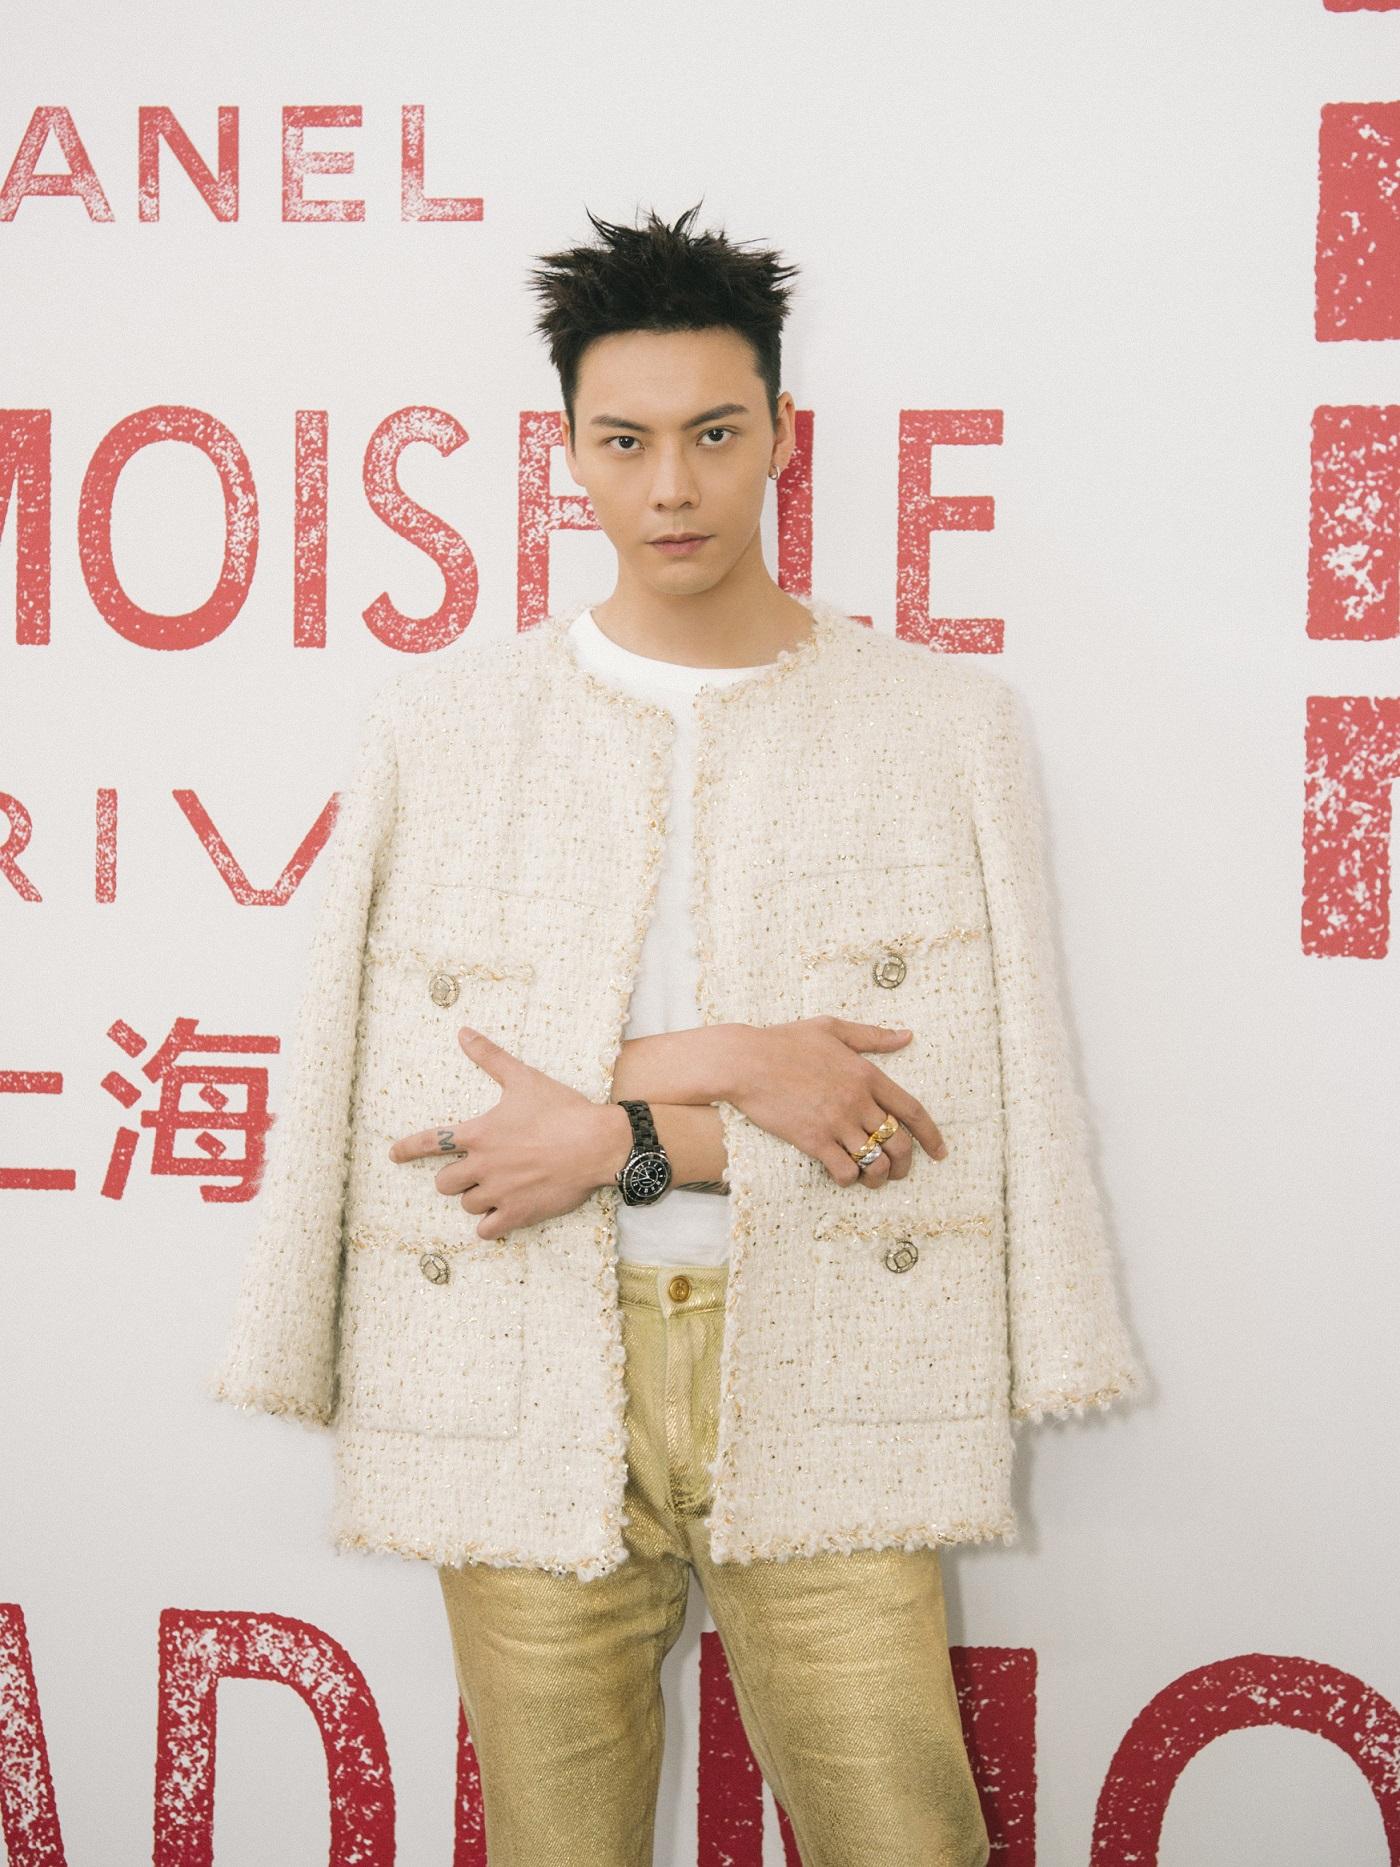 陳偉霆首先以品牌斜紋外套搭配金色長褲亮相,「菠蘿頭」 造型也極具特色。